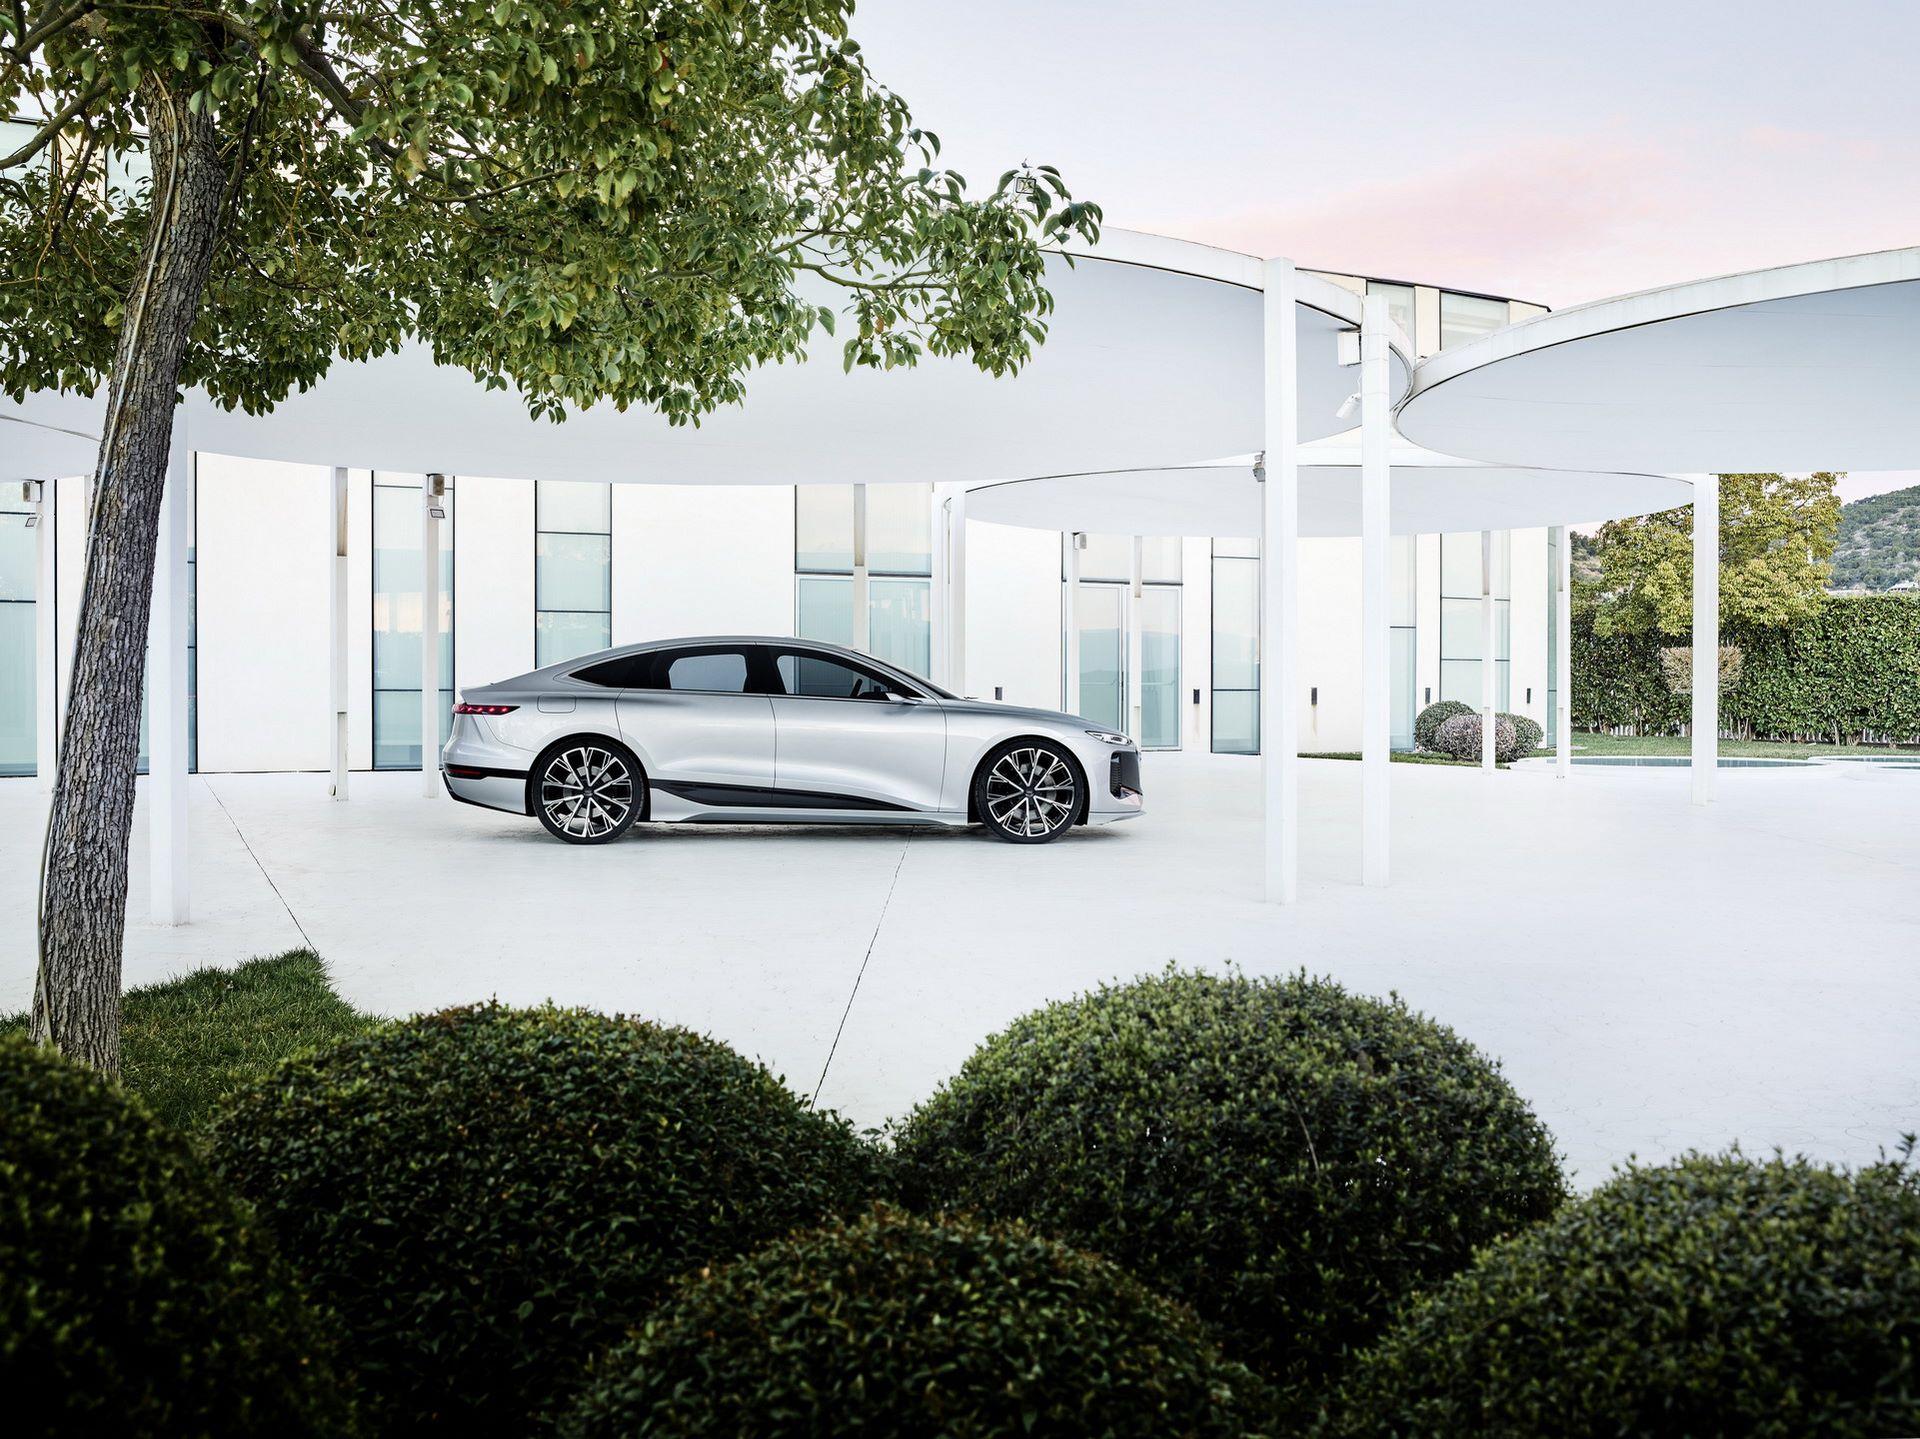 Audi-A6-e-tron-concept-22